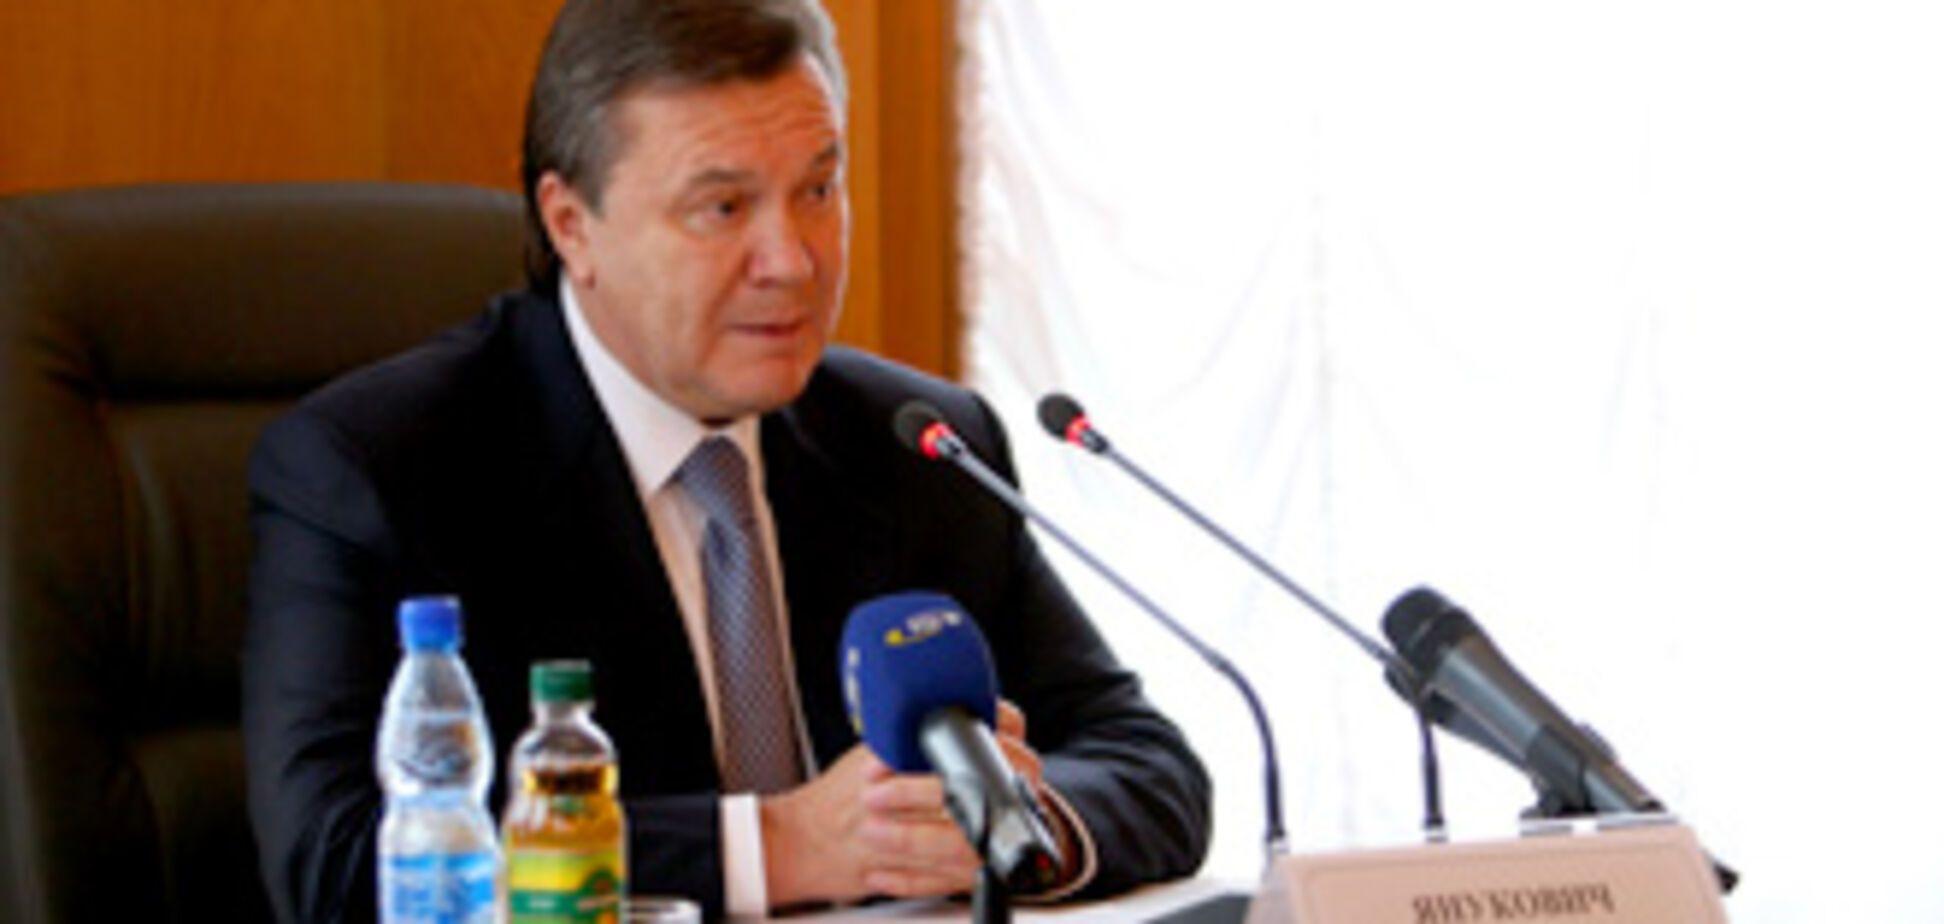 Самые громкие 'покушения' на украинских политиков